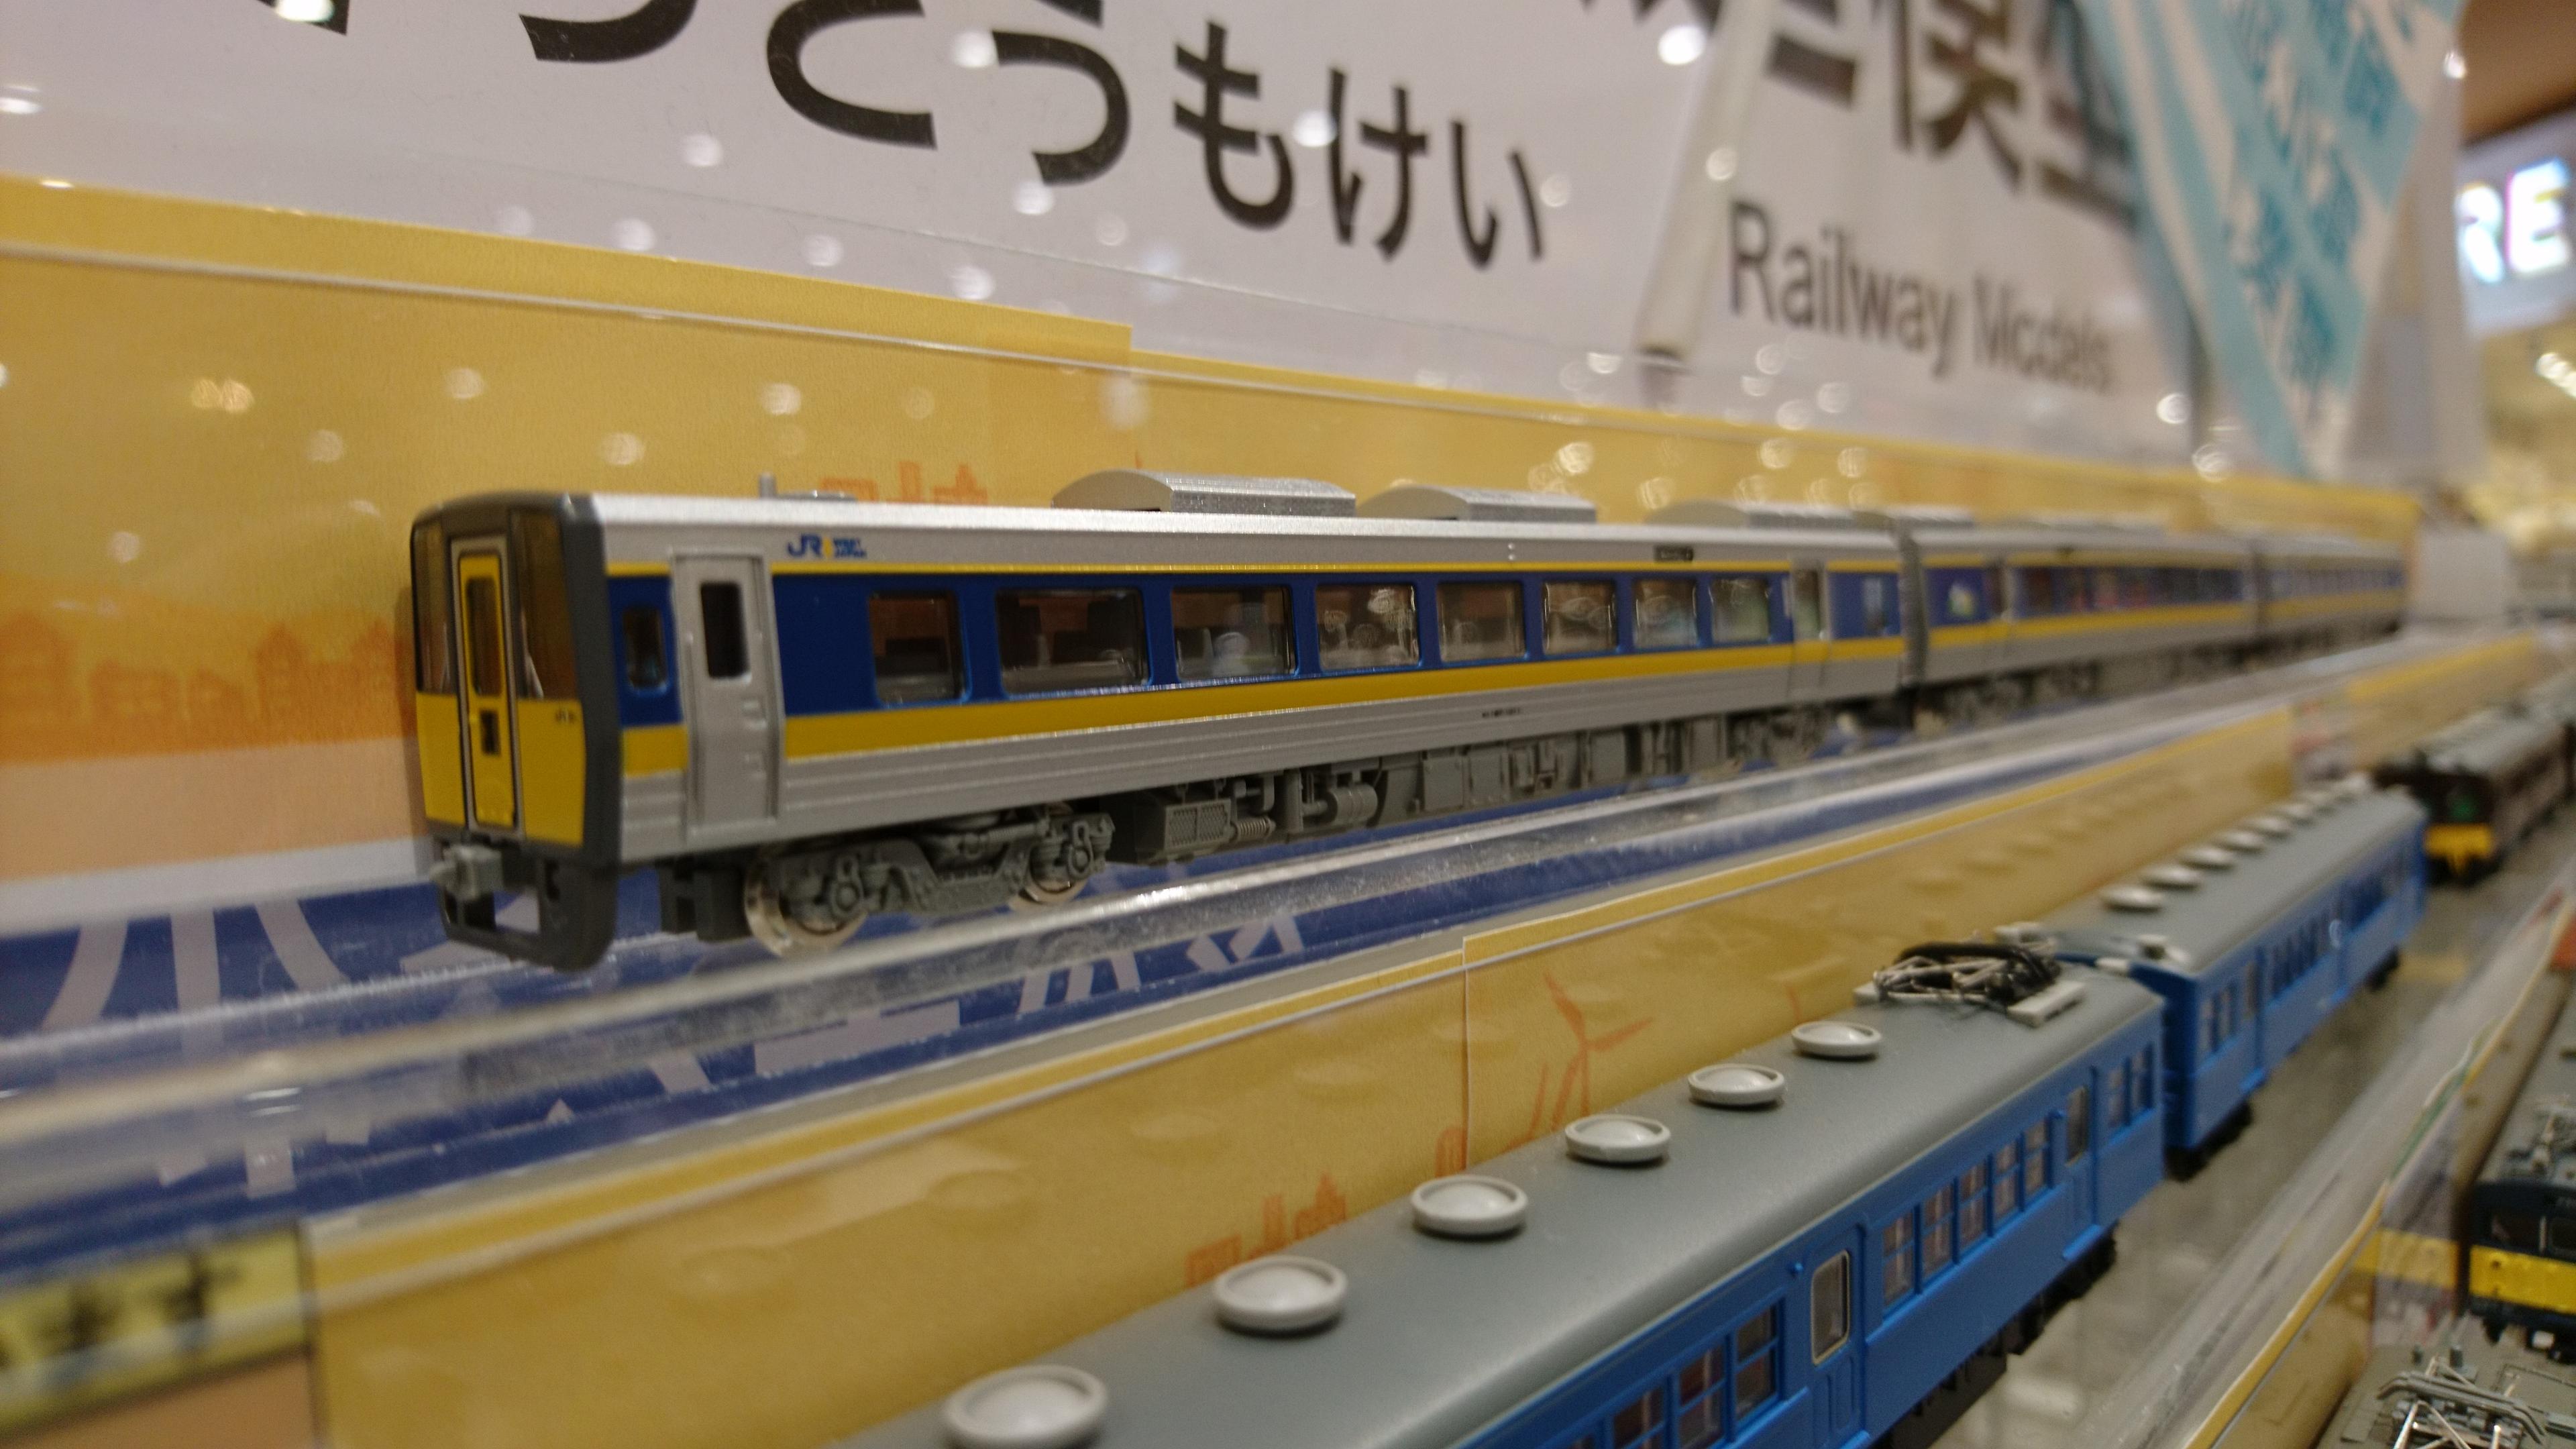 http://popondetta.com/blog_hiroshimafutyu/dc187oki.JPG